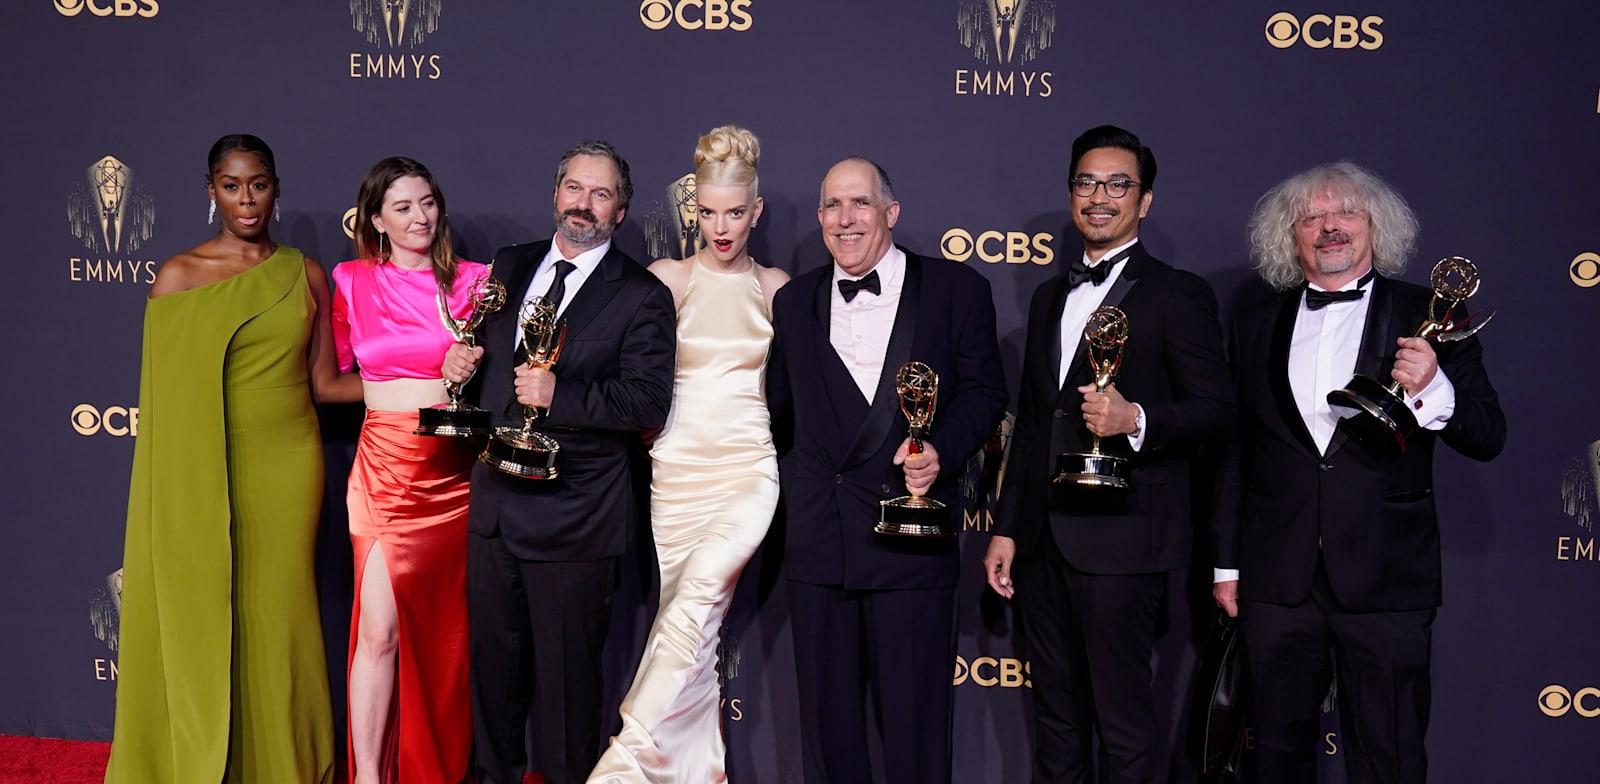 כוכבי ''גמביט המלכה'' של נטפליקס על השטיח האדום בטקס פרסי האמי / צילום: Associated Press, Chris Pizzello